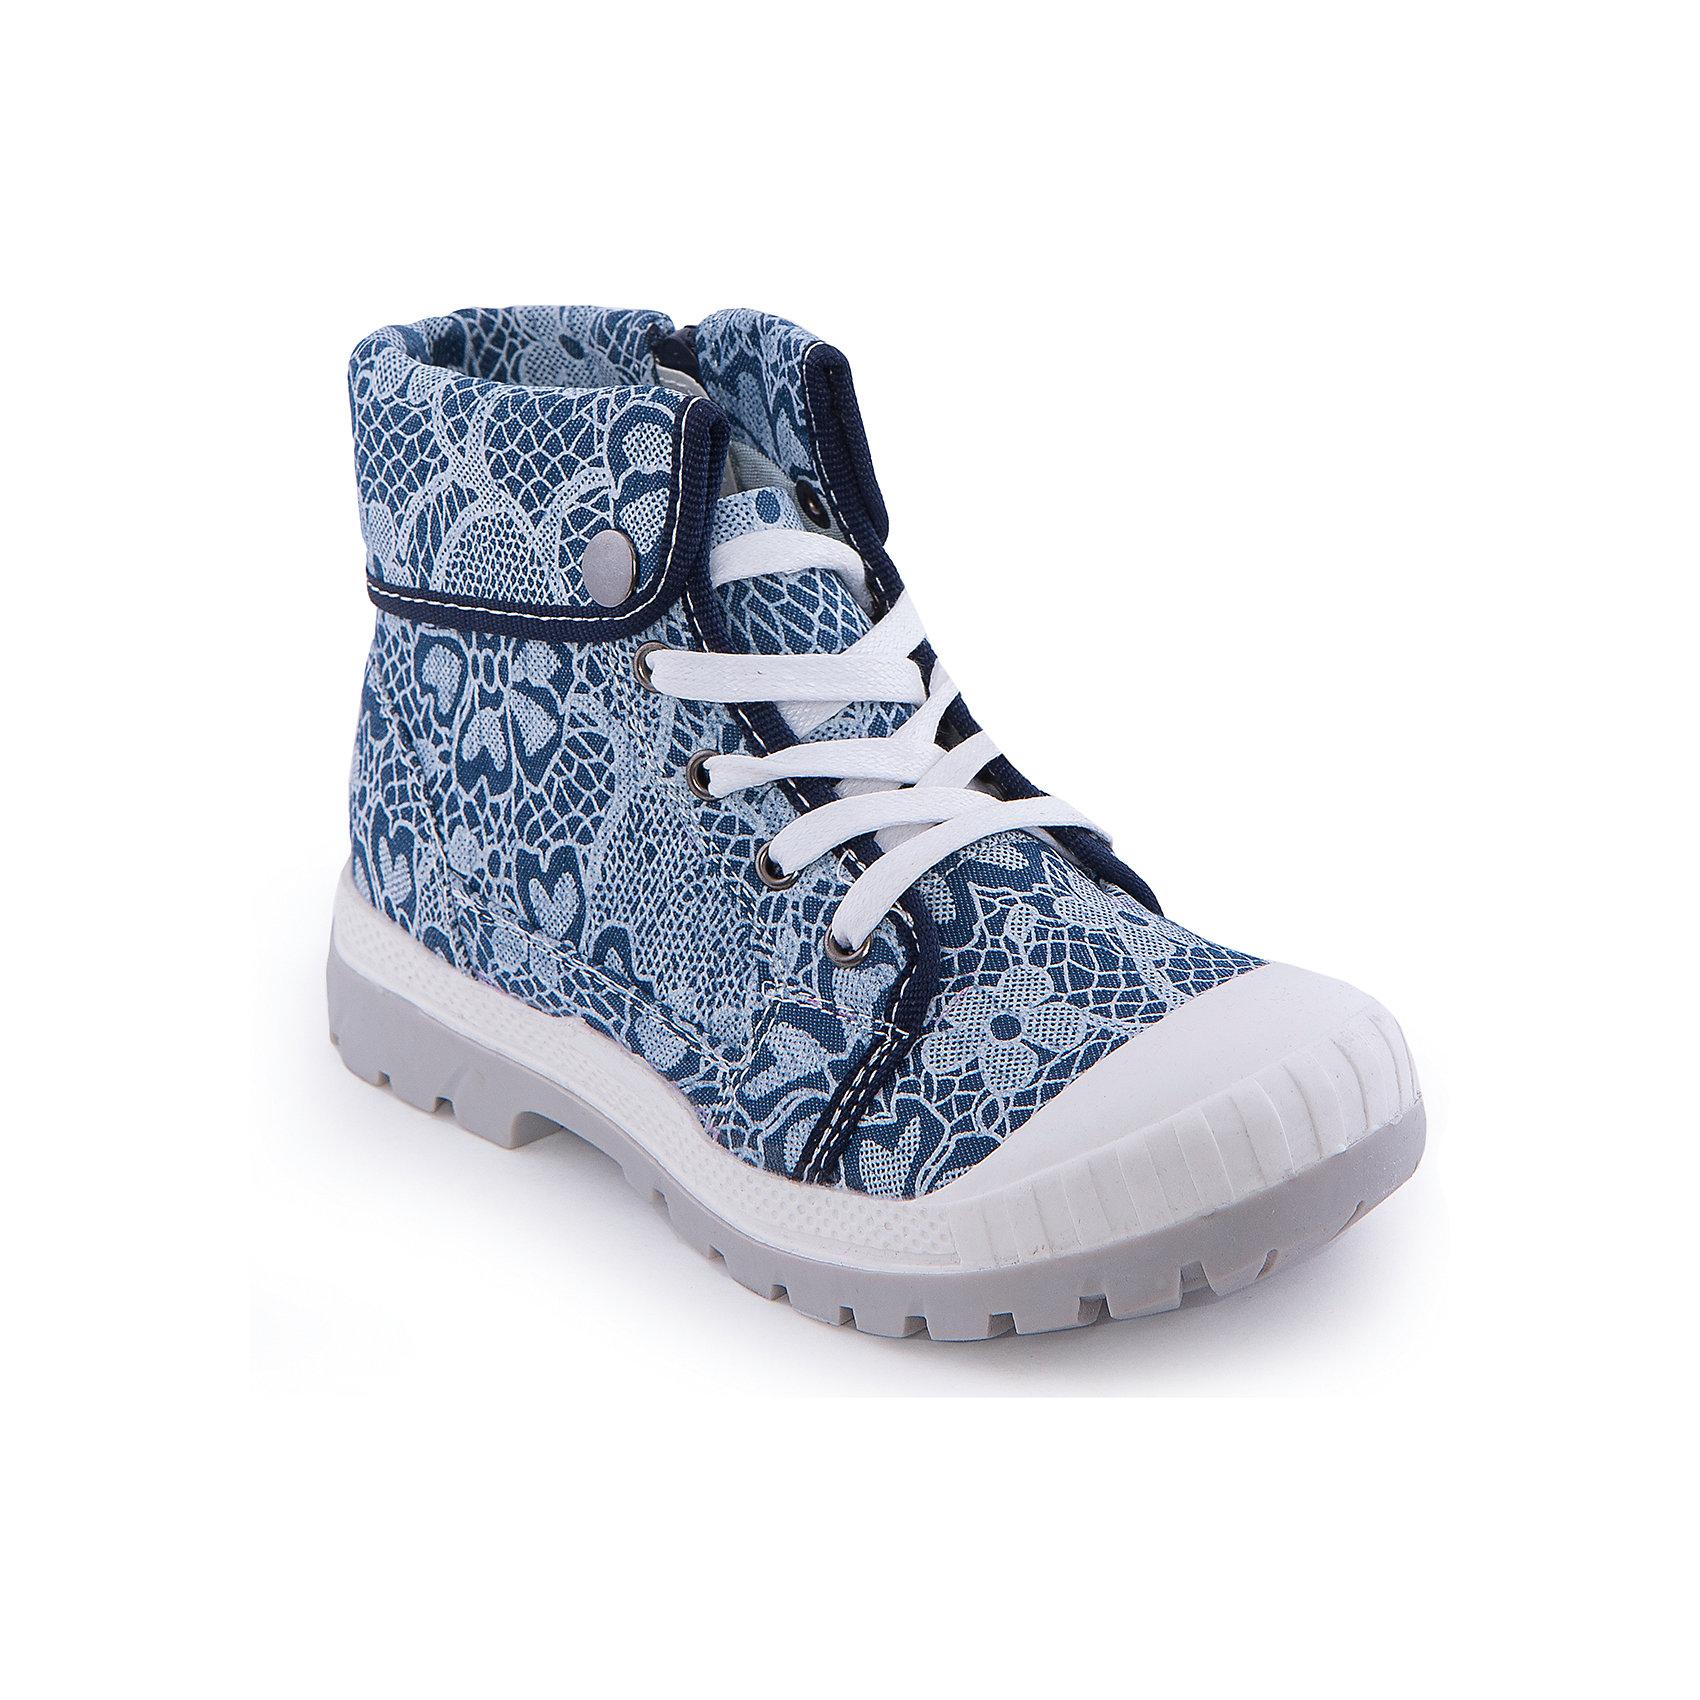 Ботинки для девочки Indigo kidsБотинки для девочки от известного бренда Indigo kids <br> <br>Оригинальные ботинки с завышенным голенищем созданы для прохладной погоды. Они очень стильно смотрятся куртками и плащами. Ботинки легко надеваются, комфортно садятся по ноге, дают коже дышать. <br> <br>Особенности модели: <br> <br>- цвет: синий; <br>- стильный дизайн; <br>- удобная колодка; <br>- каблук: небольшой; <br>- защита пальцев; <br>- декорированы принтом, контрастной окантовкой; <br>- устойчивая нескользящая подошва; <br>- застежка: шнуровка и молния. <br> <br>Дополнительная информация: <br> <br>Состав: <br> <br>верх – текстиль; <br>подкладка - текстиль; <br>подошва - ТЭП. <br> <br>Температурный режим: <br>от +5°С до +20°С <br> <br>Ботинки для девочки Indigo kids (Индиго Кидс) можно купить в нашем магазине.<br><br>Ширина мм: 262<br>Глубина мм: 176<br>Высота мм: 97<br>Вес г: 427<br>Цвет: синий<br>Возраст от месяцев: 96<br>Возраст до месяцев: 108<br>Пол: Женский<br>Возраст: Детский<br>Размер: 32,33,36,37,35,34<br>SKU: 4547859